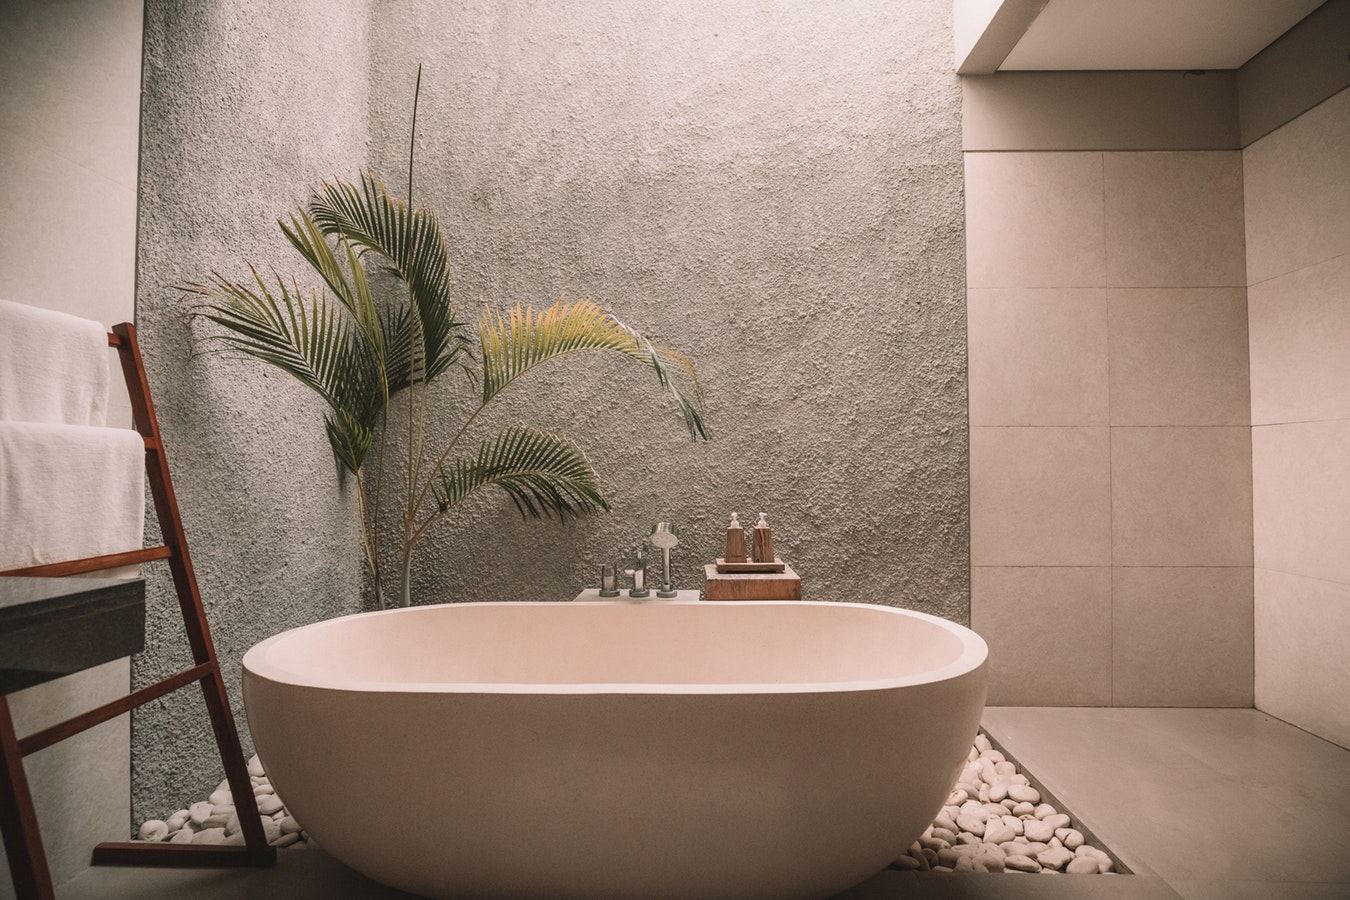 Bagno Esterno Realizzare : Vuoi realizzare un bagno da esterno nel tuo giardino? ecco come fare